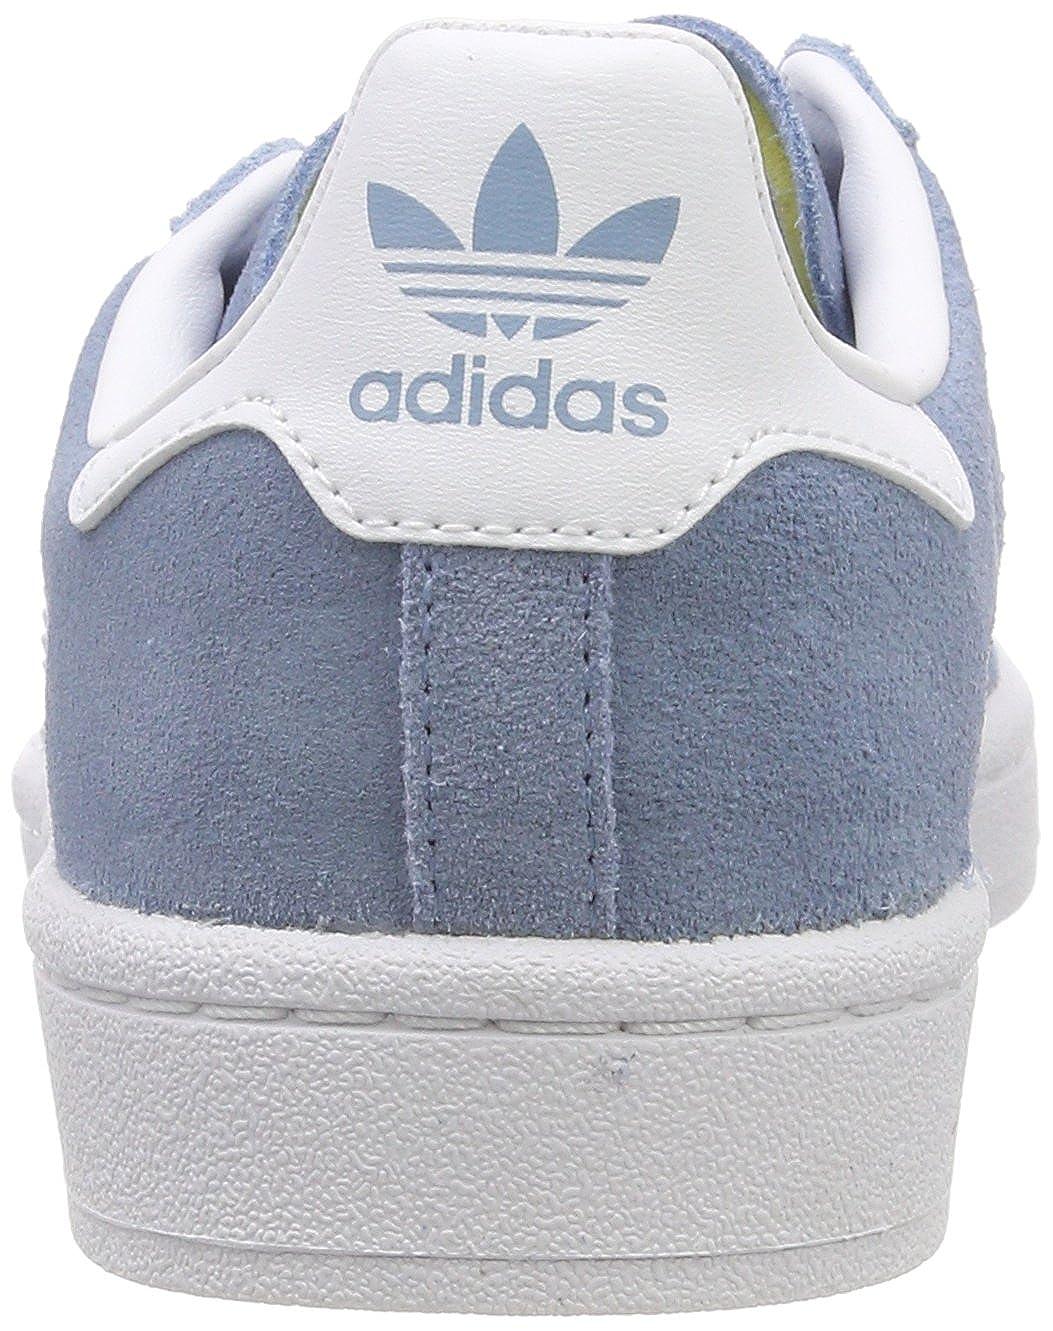 Adidas Campus, Zapatillas Unisex Niños: Amazon.es: Zapatos y complementos